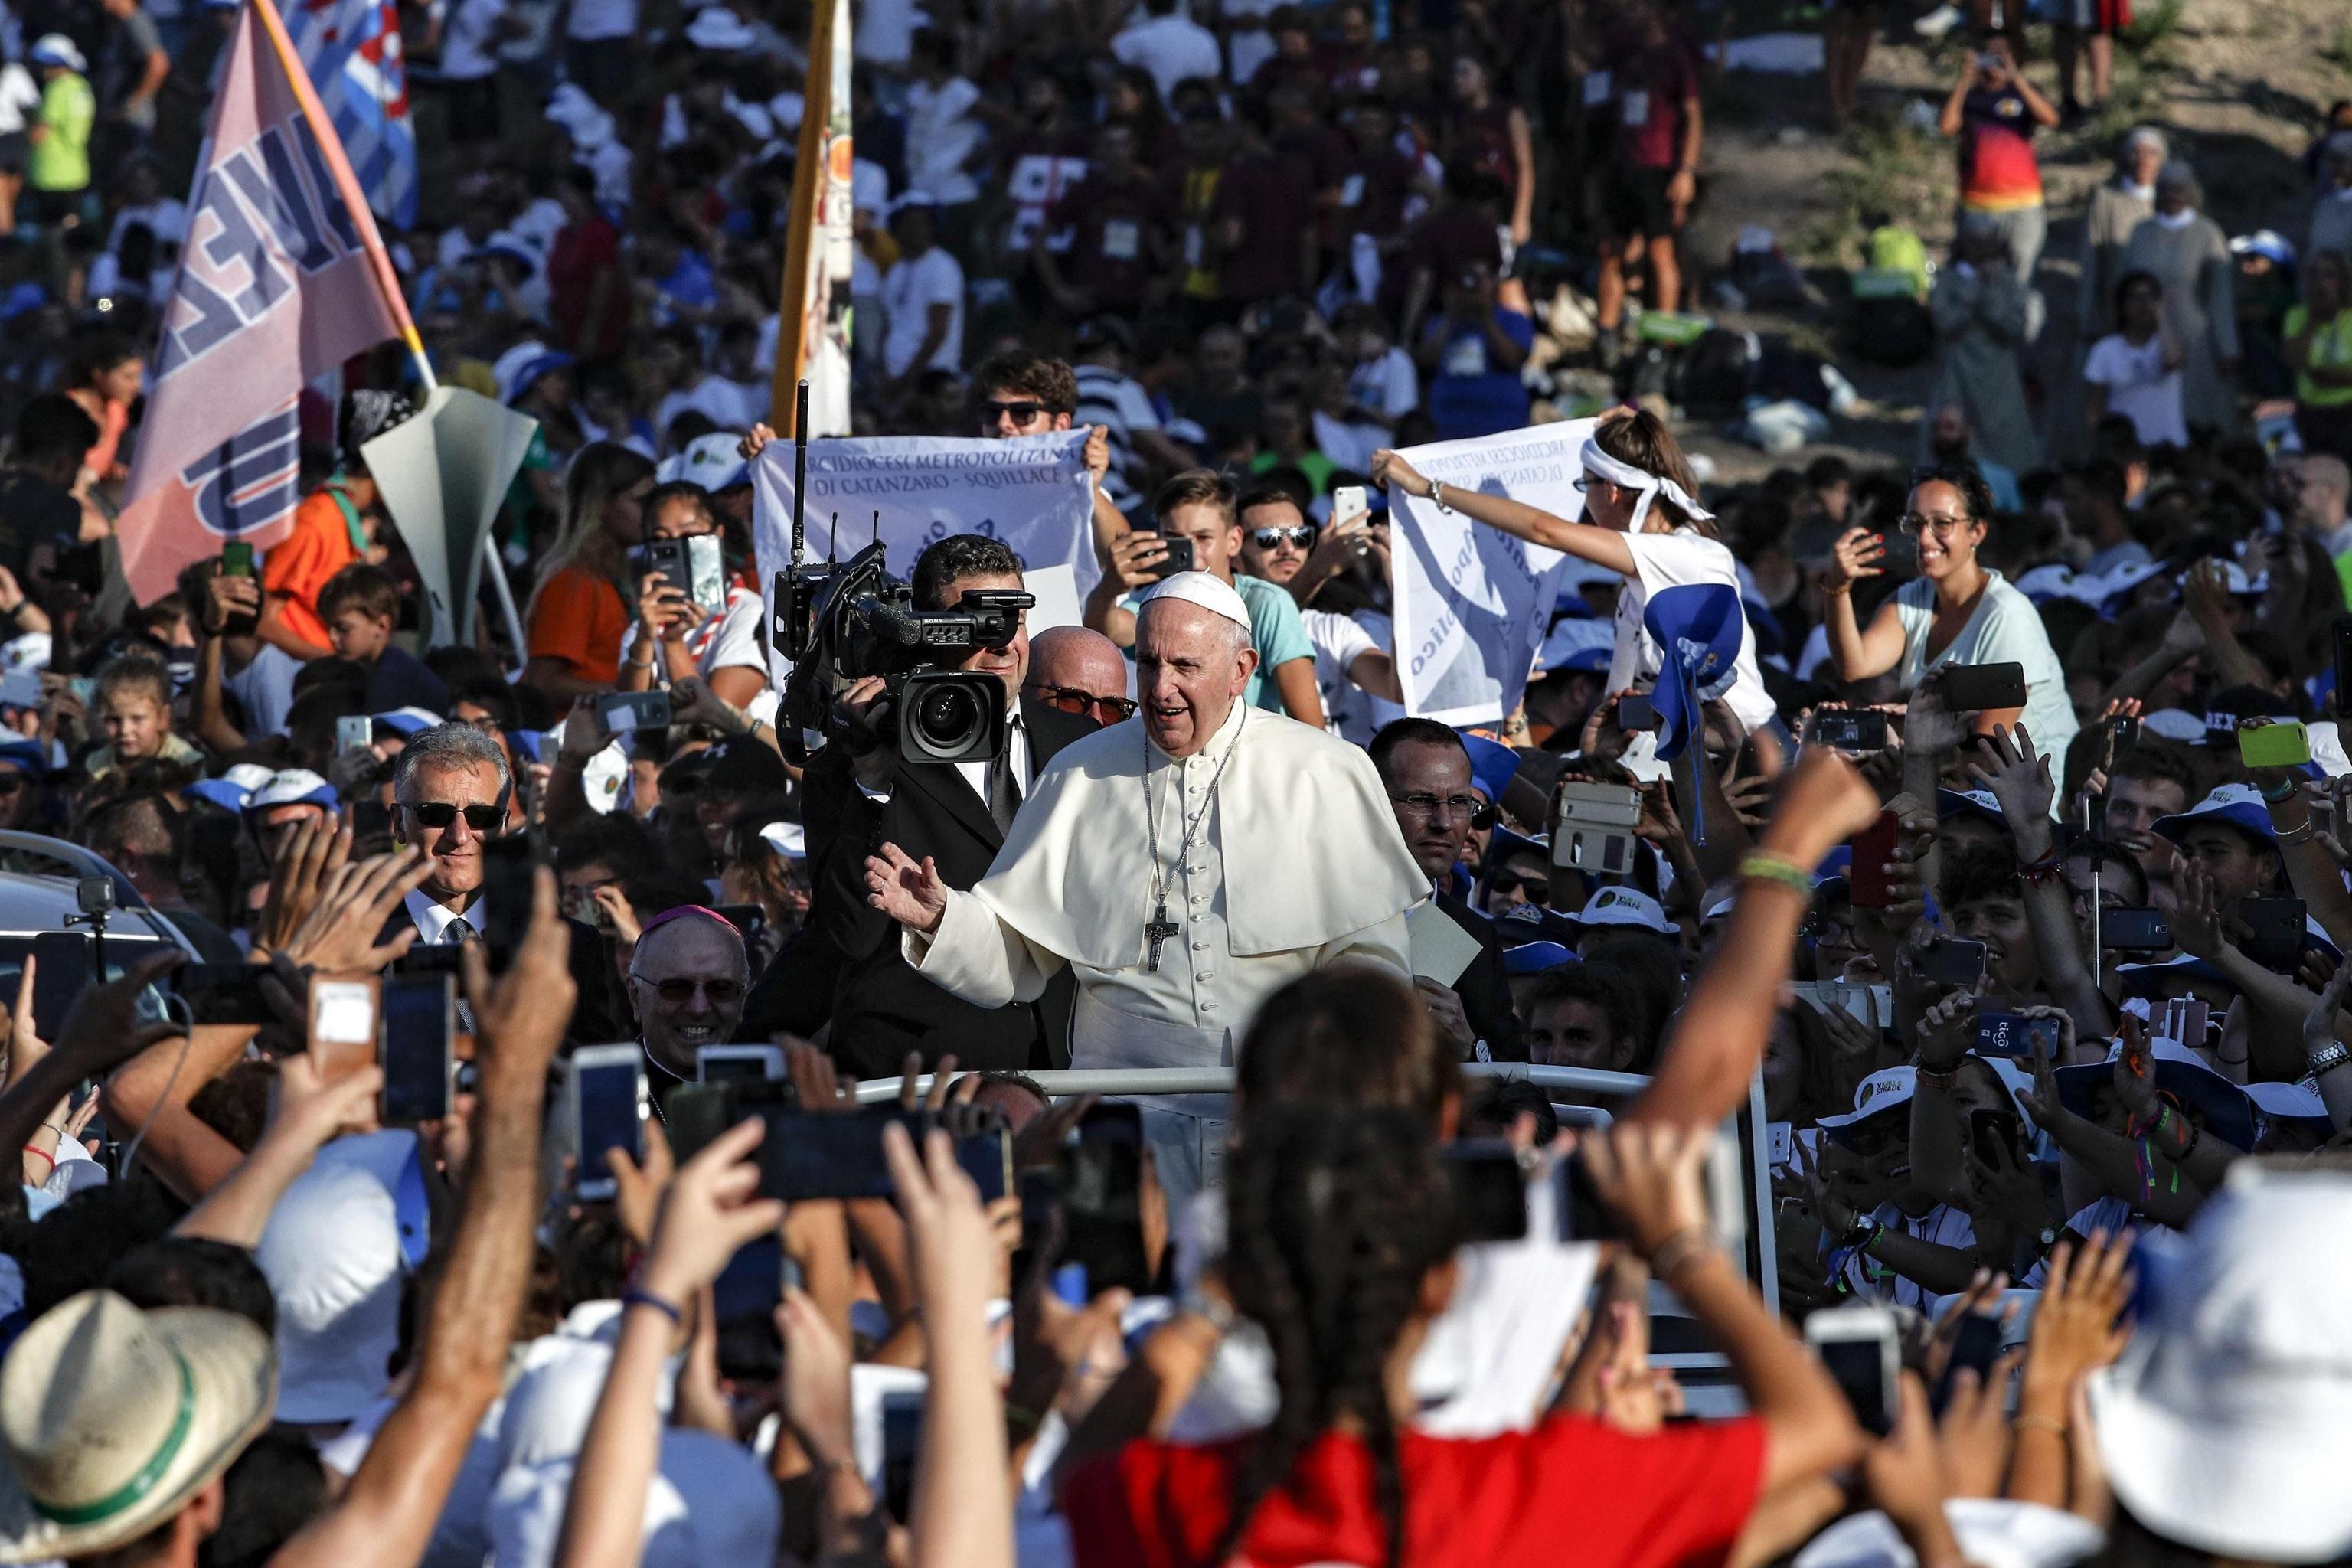 900c05b799 Il Papa ai giovani: Dio vi ama e la Chiesa ha bisogno di voi - catt.ch